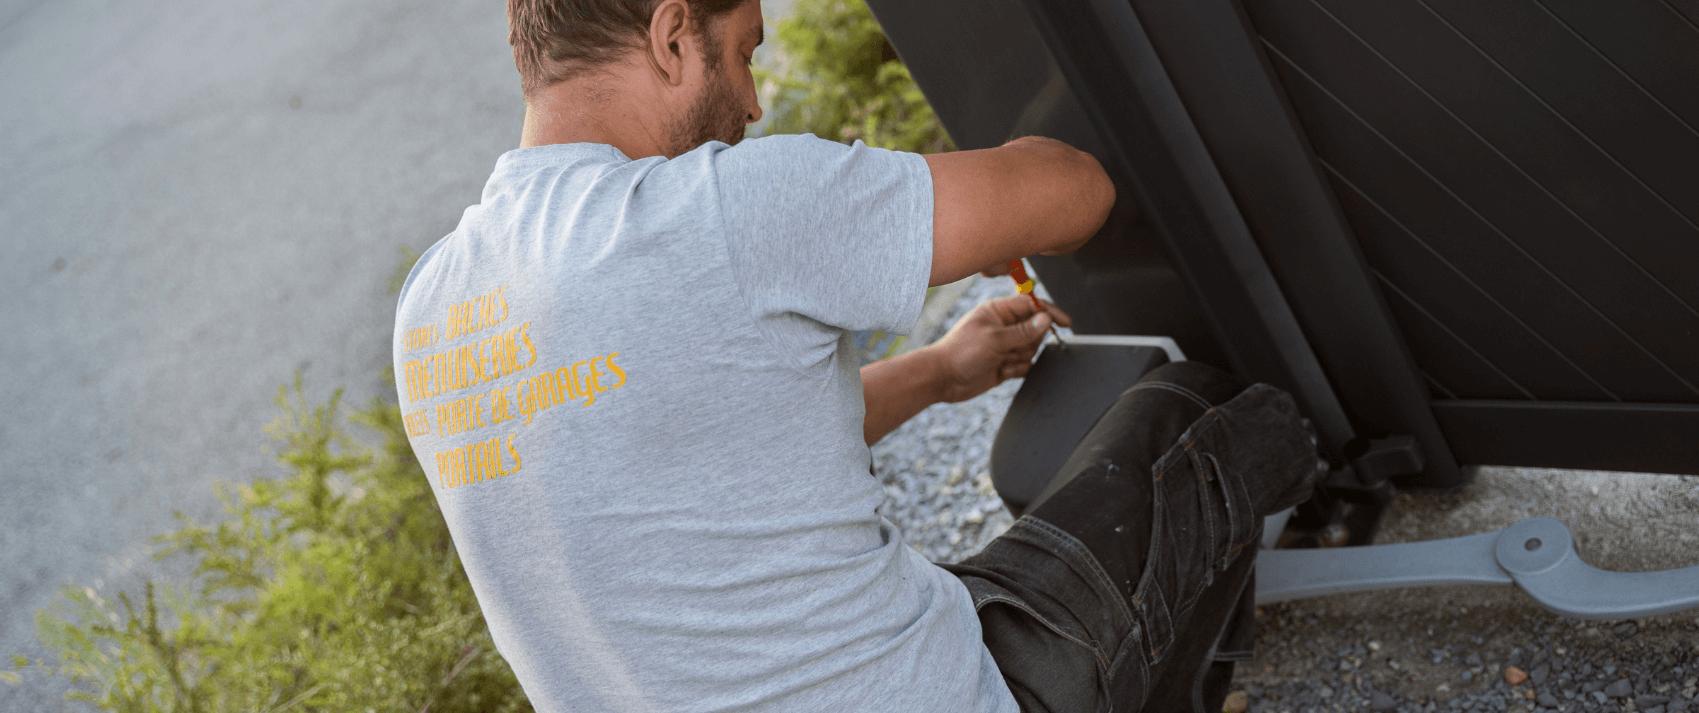 taravello depannage portail - dépannage moteur portail - réparation portail